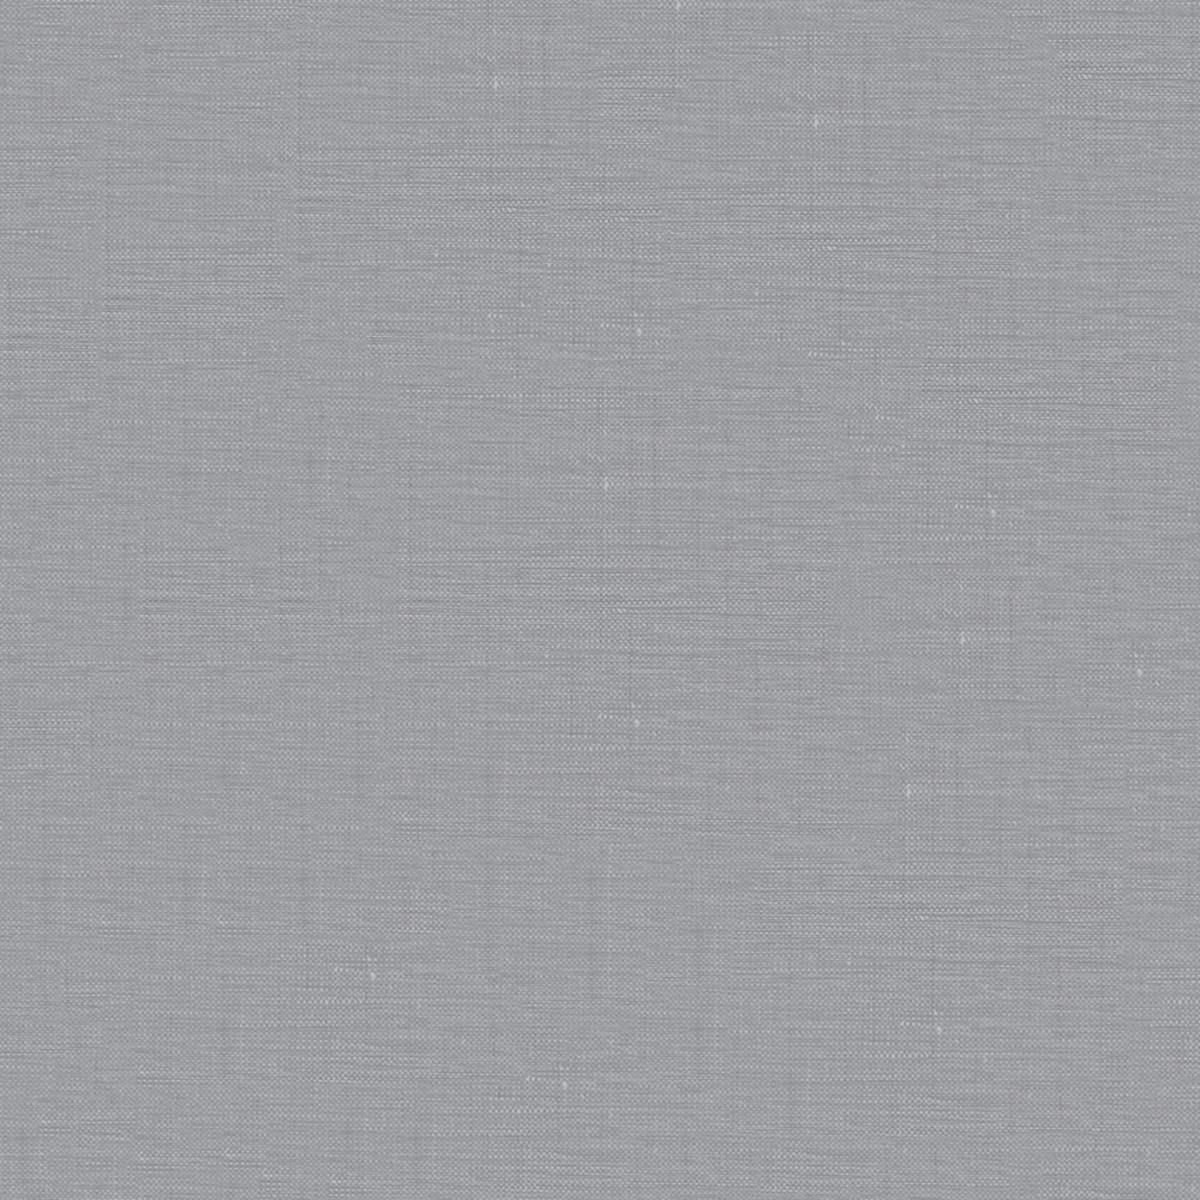 Обои виниловые Gaenari серые 1.06 м 87399-4